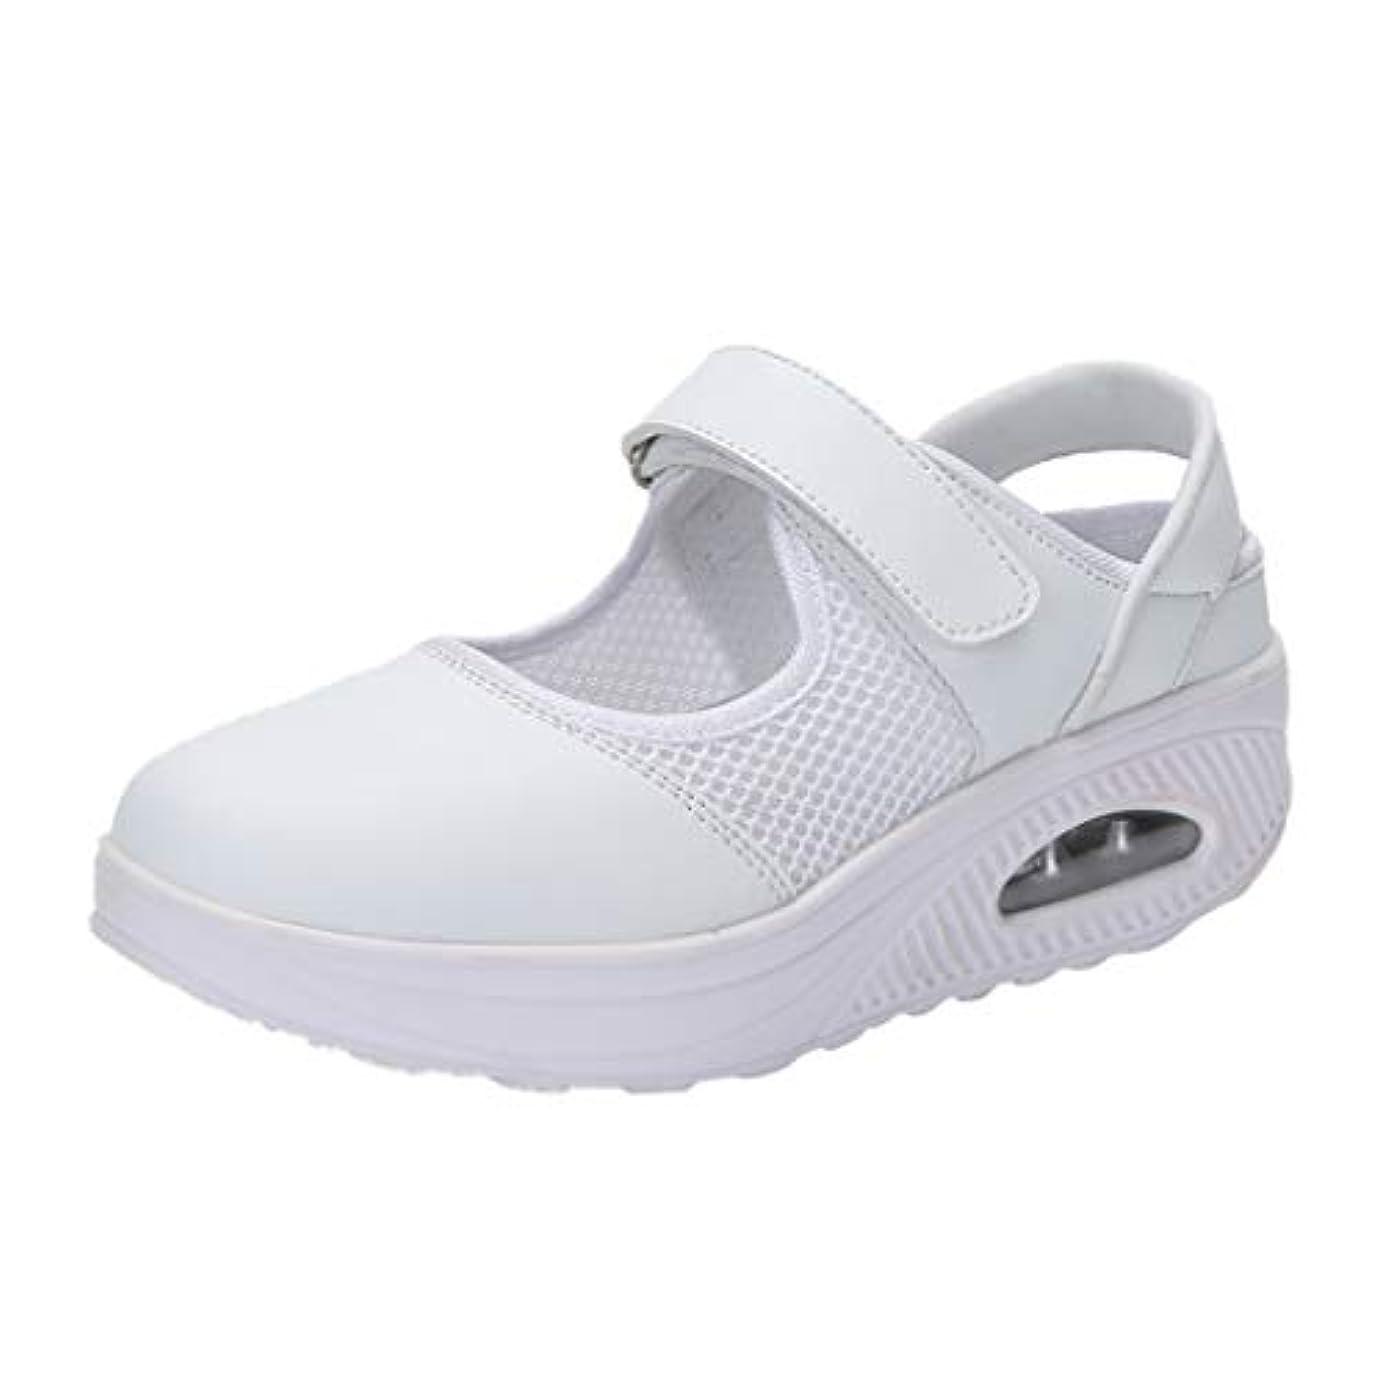 有名な出口ペフナースシューズ liqiuxiang お母さん 婦人靴 スボーツスニーカー ウォーキングシューズ 看護師 作業靴 軽量 マジックタイプ スニーカーサンダル ケアセフティ レディース